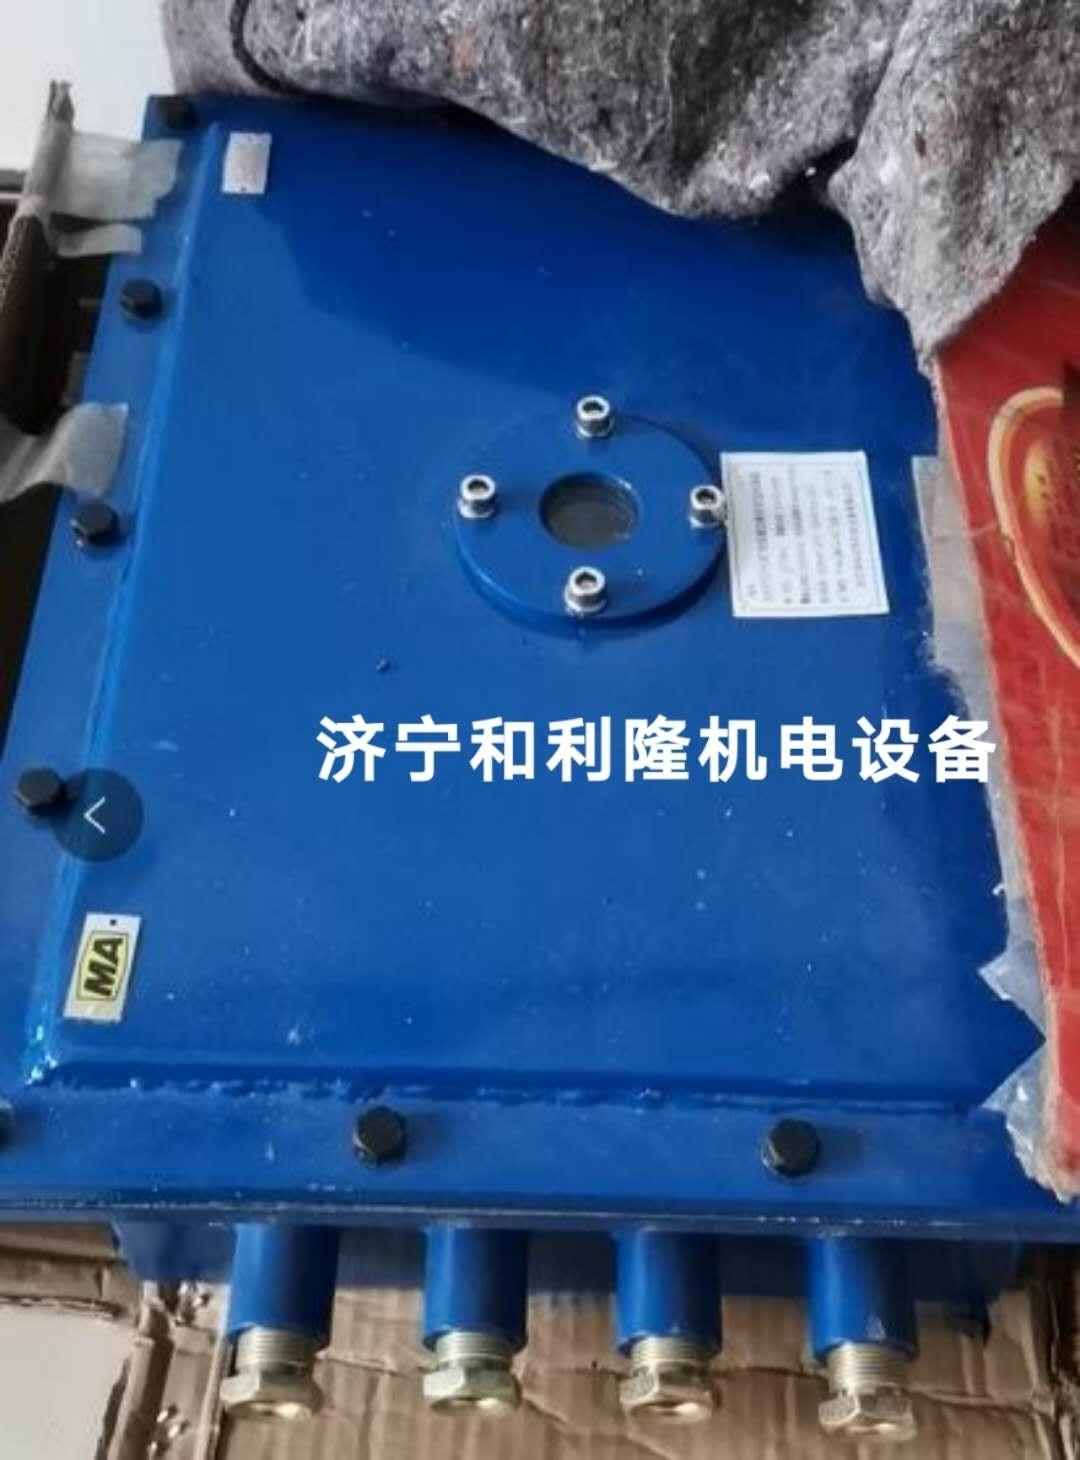 气动无压风门电控装置,纯气控风门控制装置